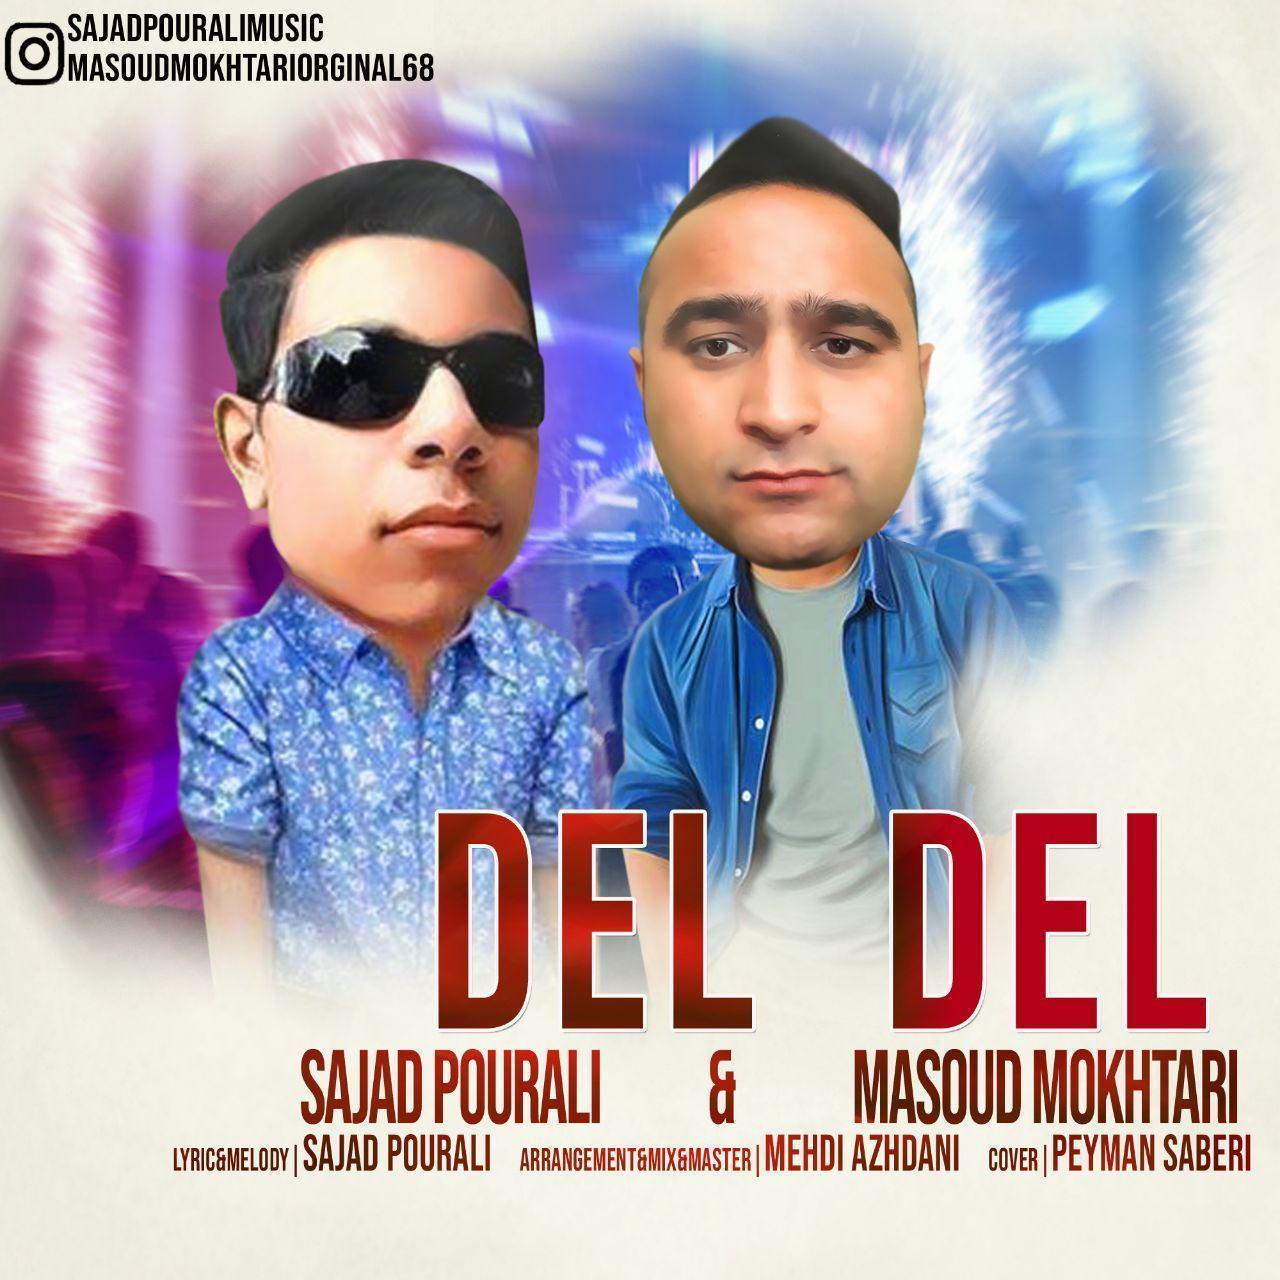 Sajad Pourali - Del Del Music | آهنگ سجاد پورعلی و مسعود مختاری - دل دل